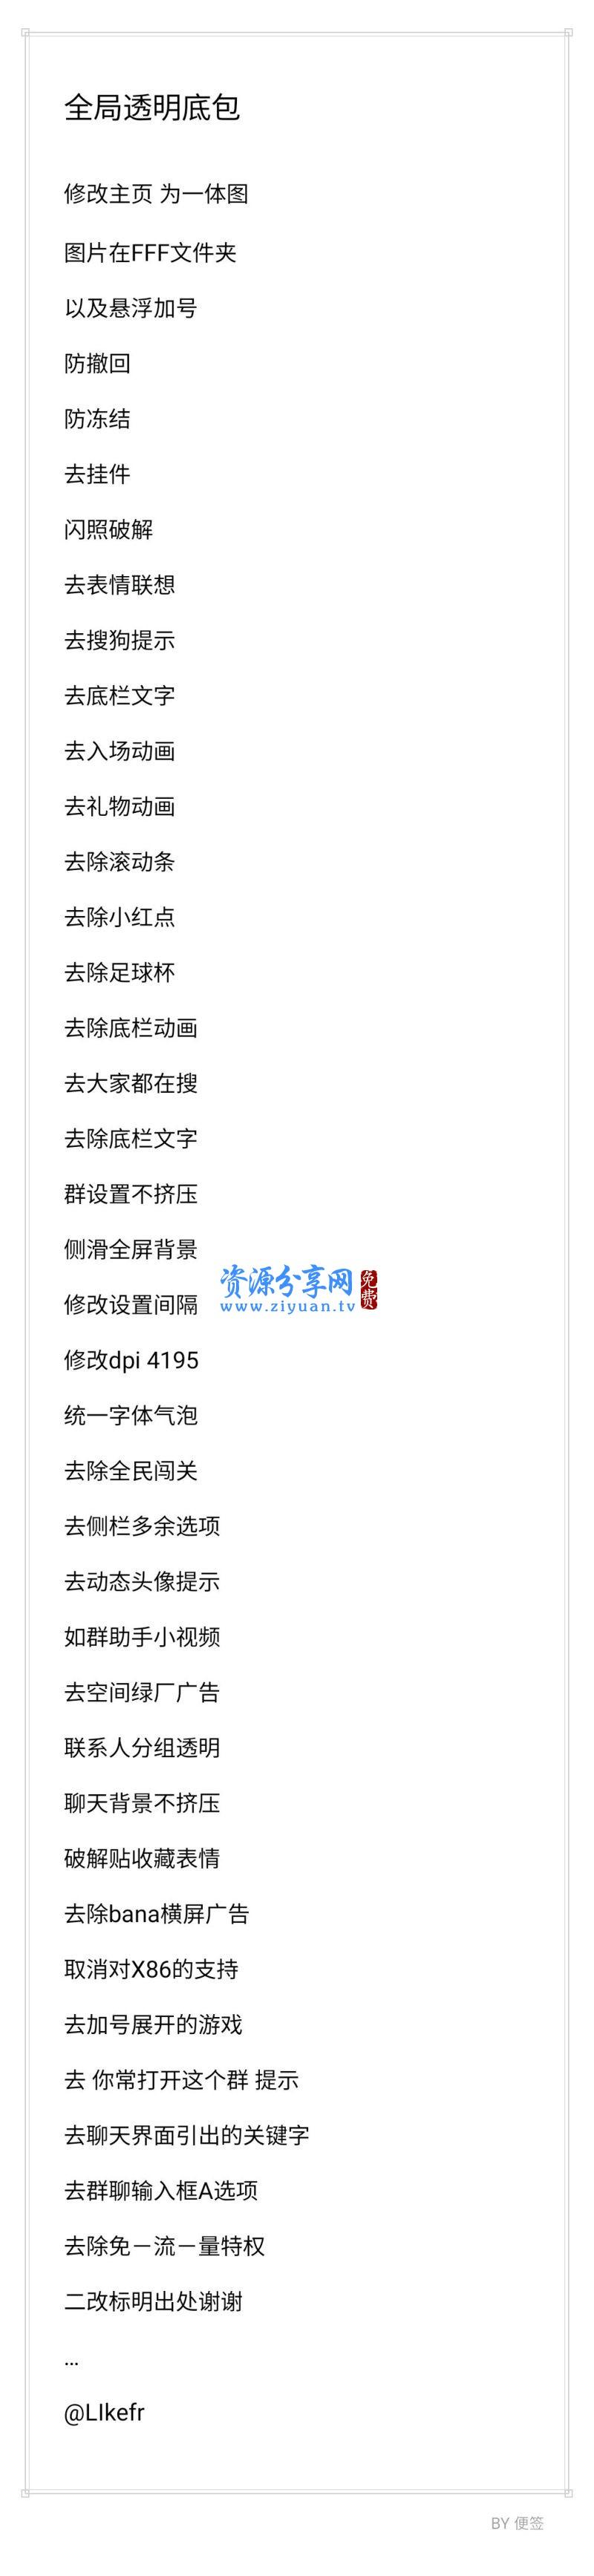 安卓 QQv7.88 防撤回修改版